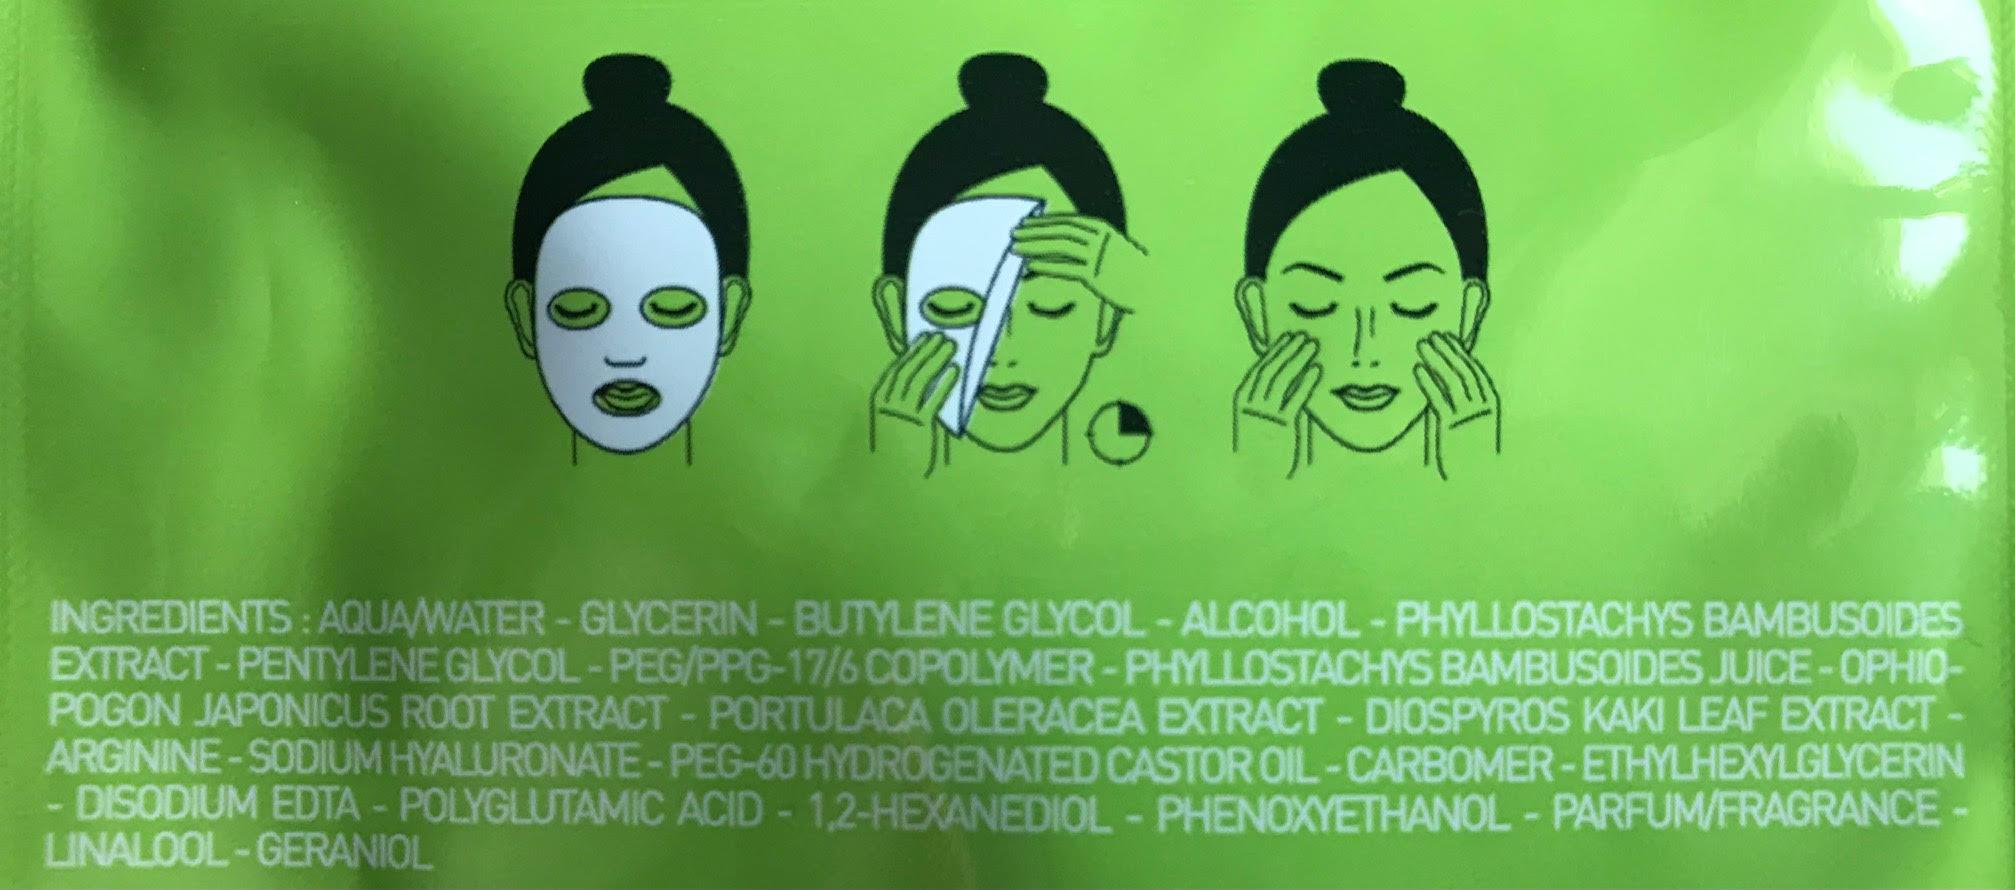 ingredienten bamboo shot mask